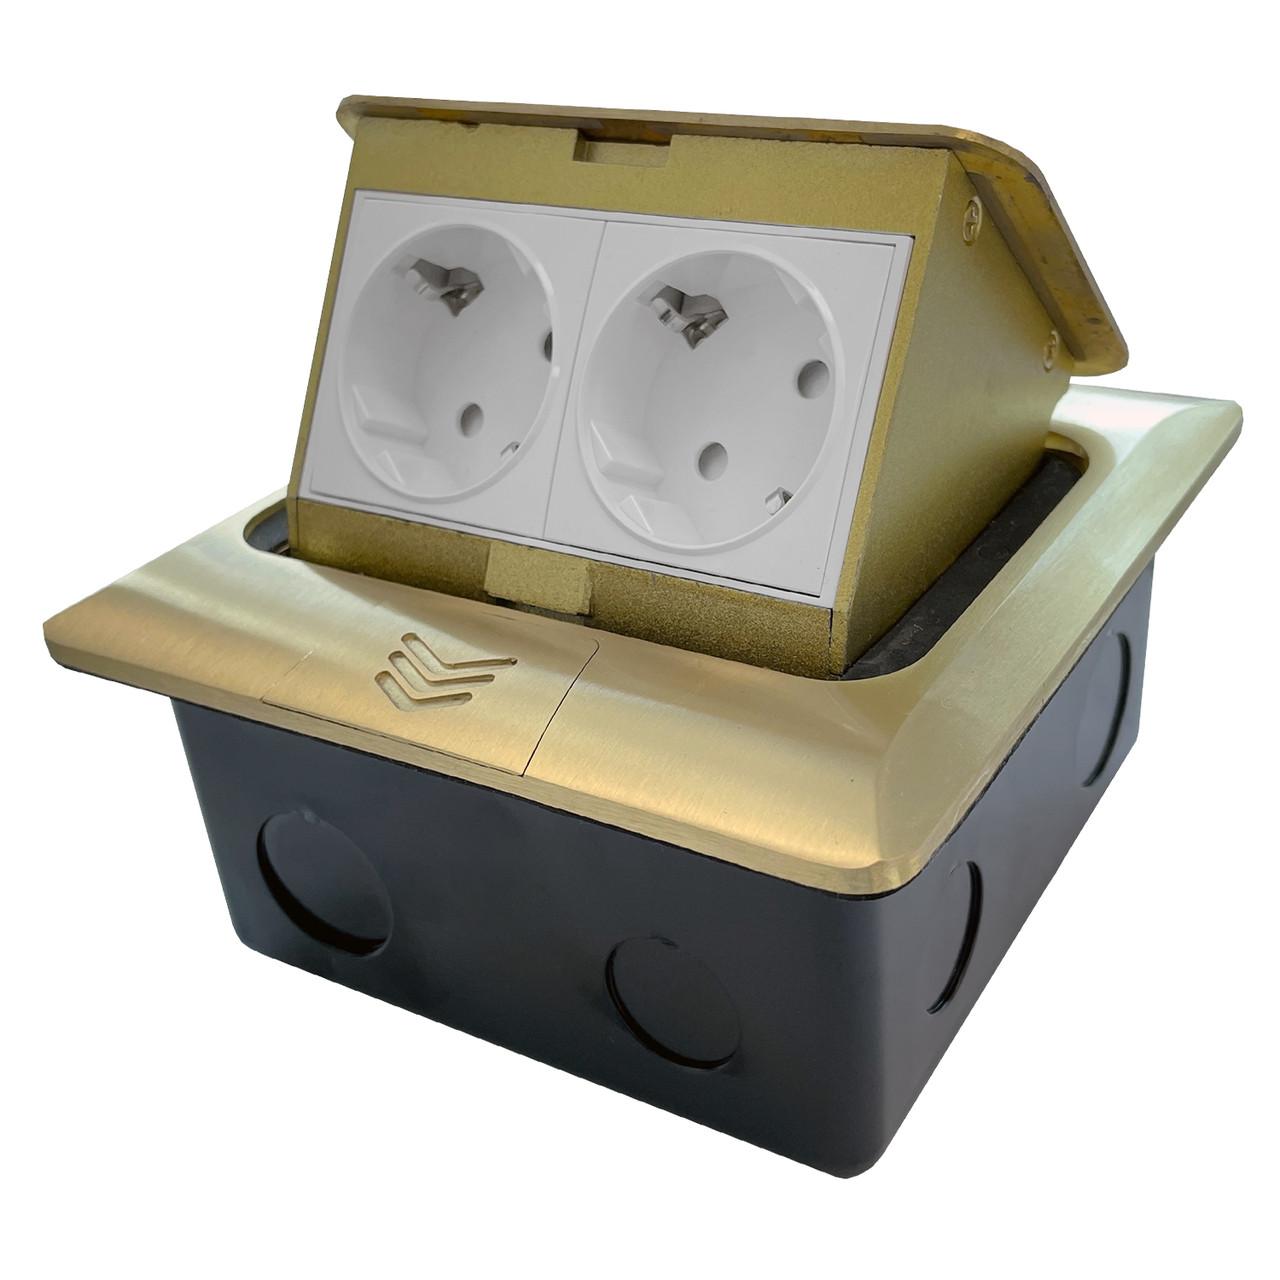 Shelbi Напольный/настольный лючок на 4 модуля, металл, золото